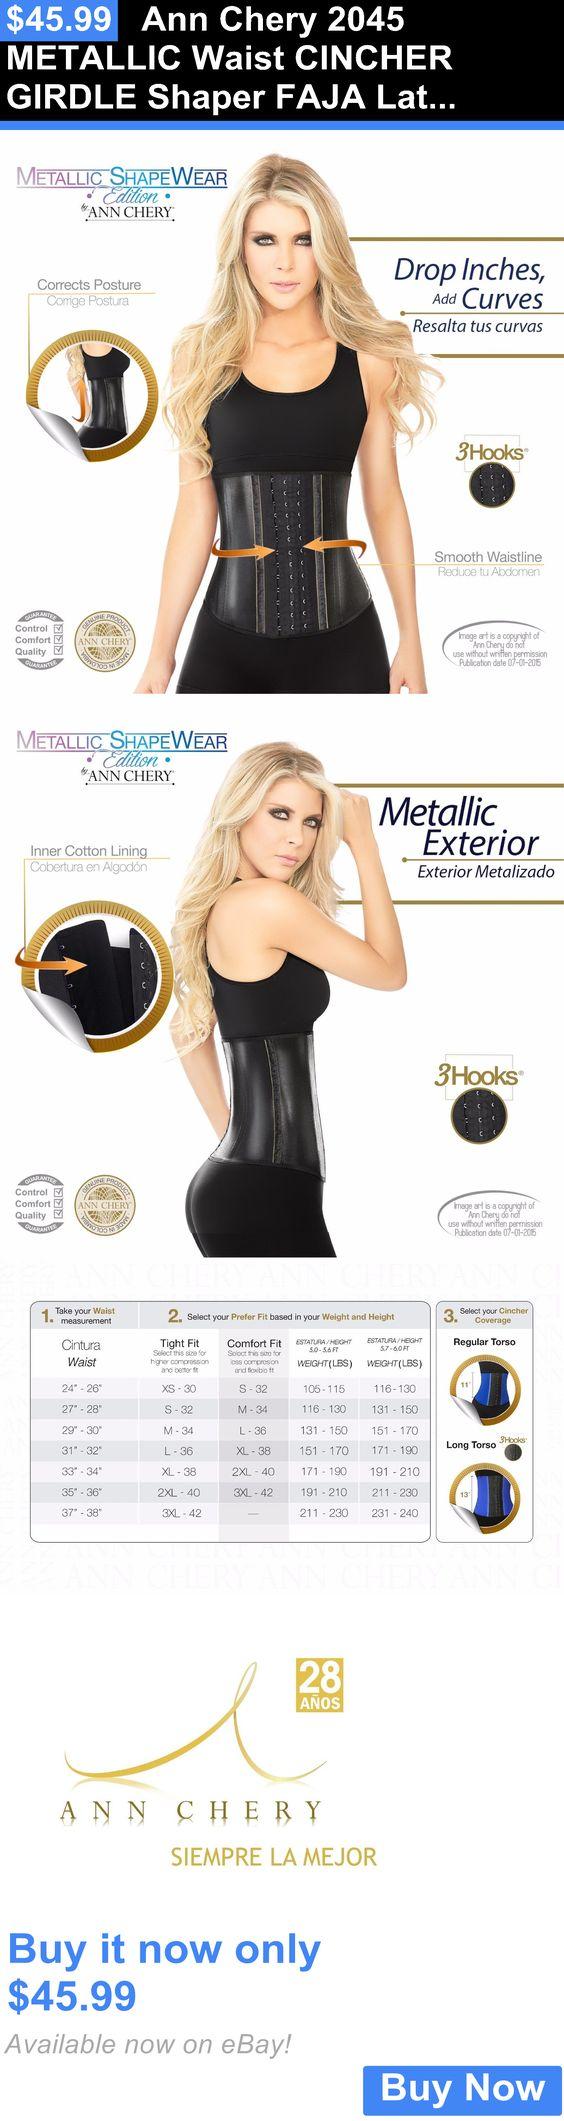 d6c5ef1abfc Women Shapewear  Ann Chery 2045 Metallic Waist Cincher Girdle Shaper Faja Latex  Black 3 Hooks